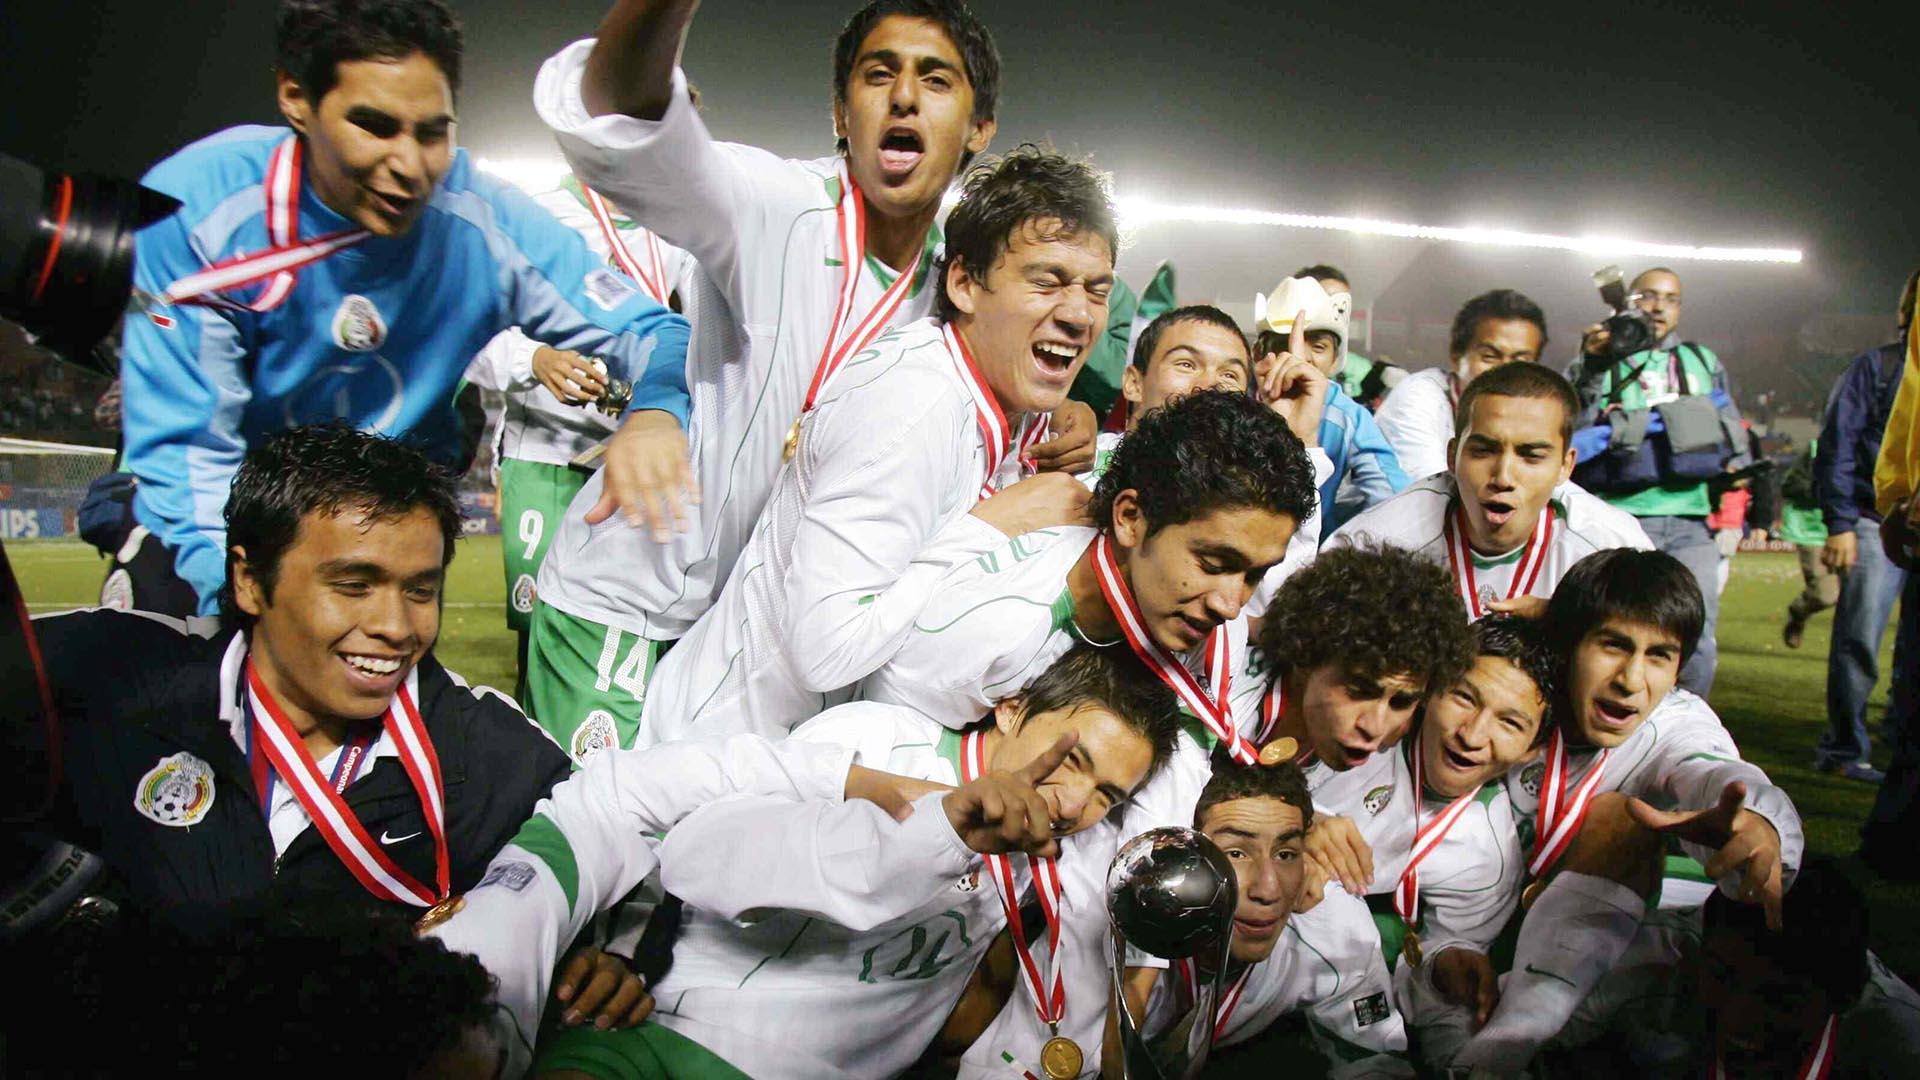 Efraín Juárez, canciones, motivantes, México, Perú 2007, campeón del mundo, Sub 17, Jesús Ramírez